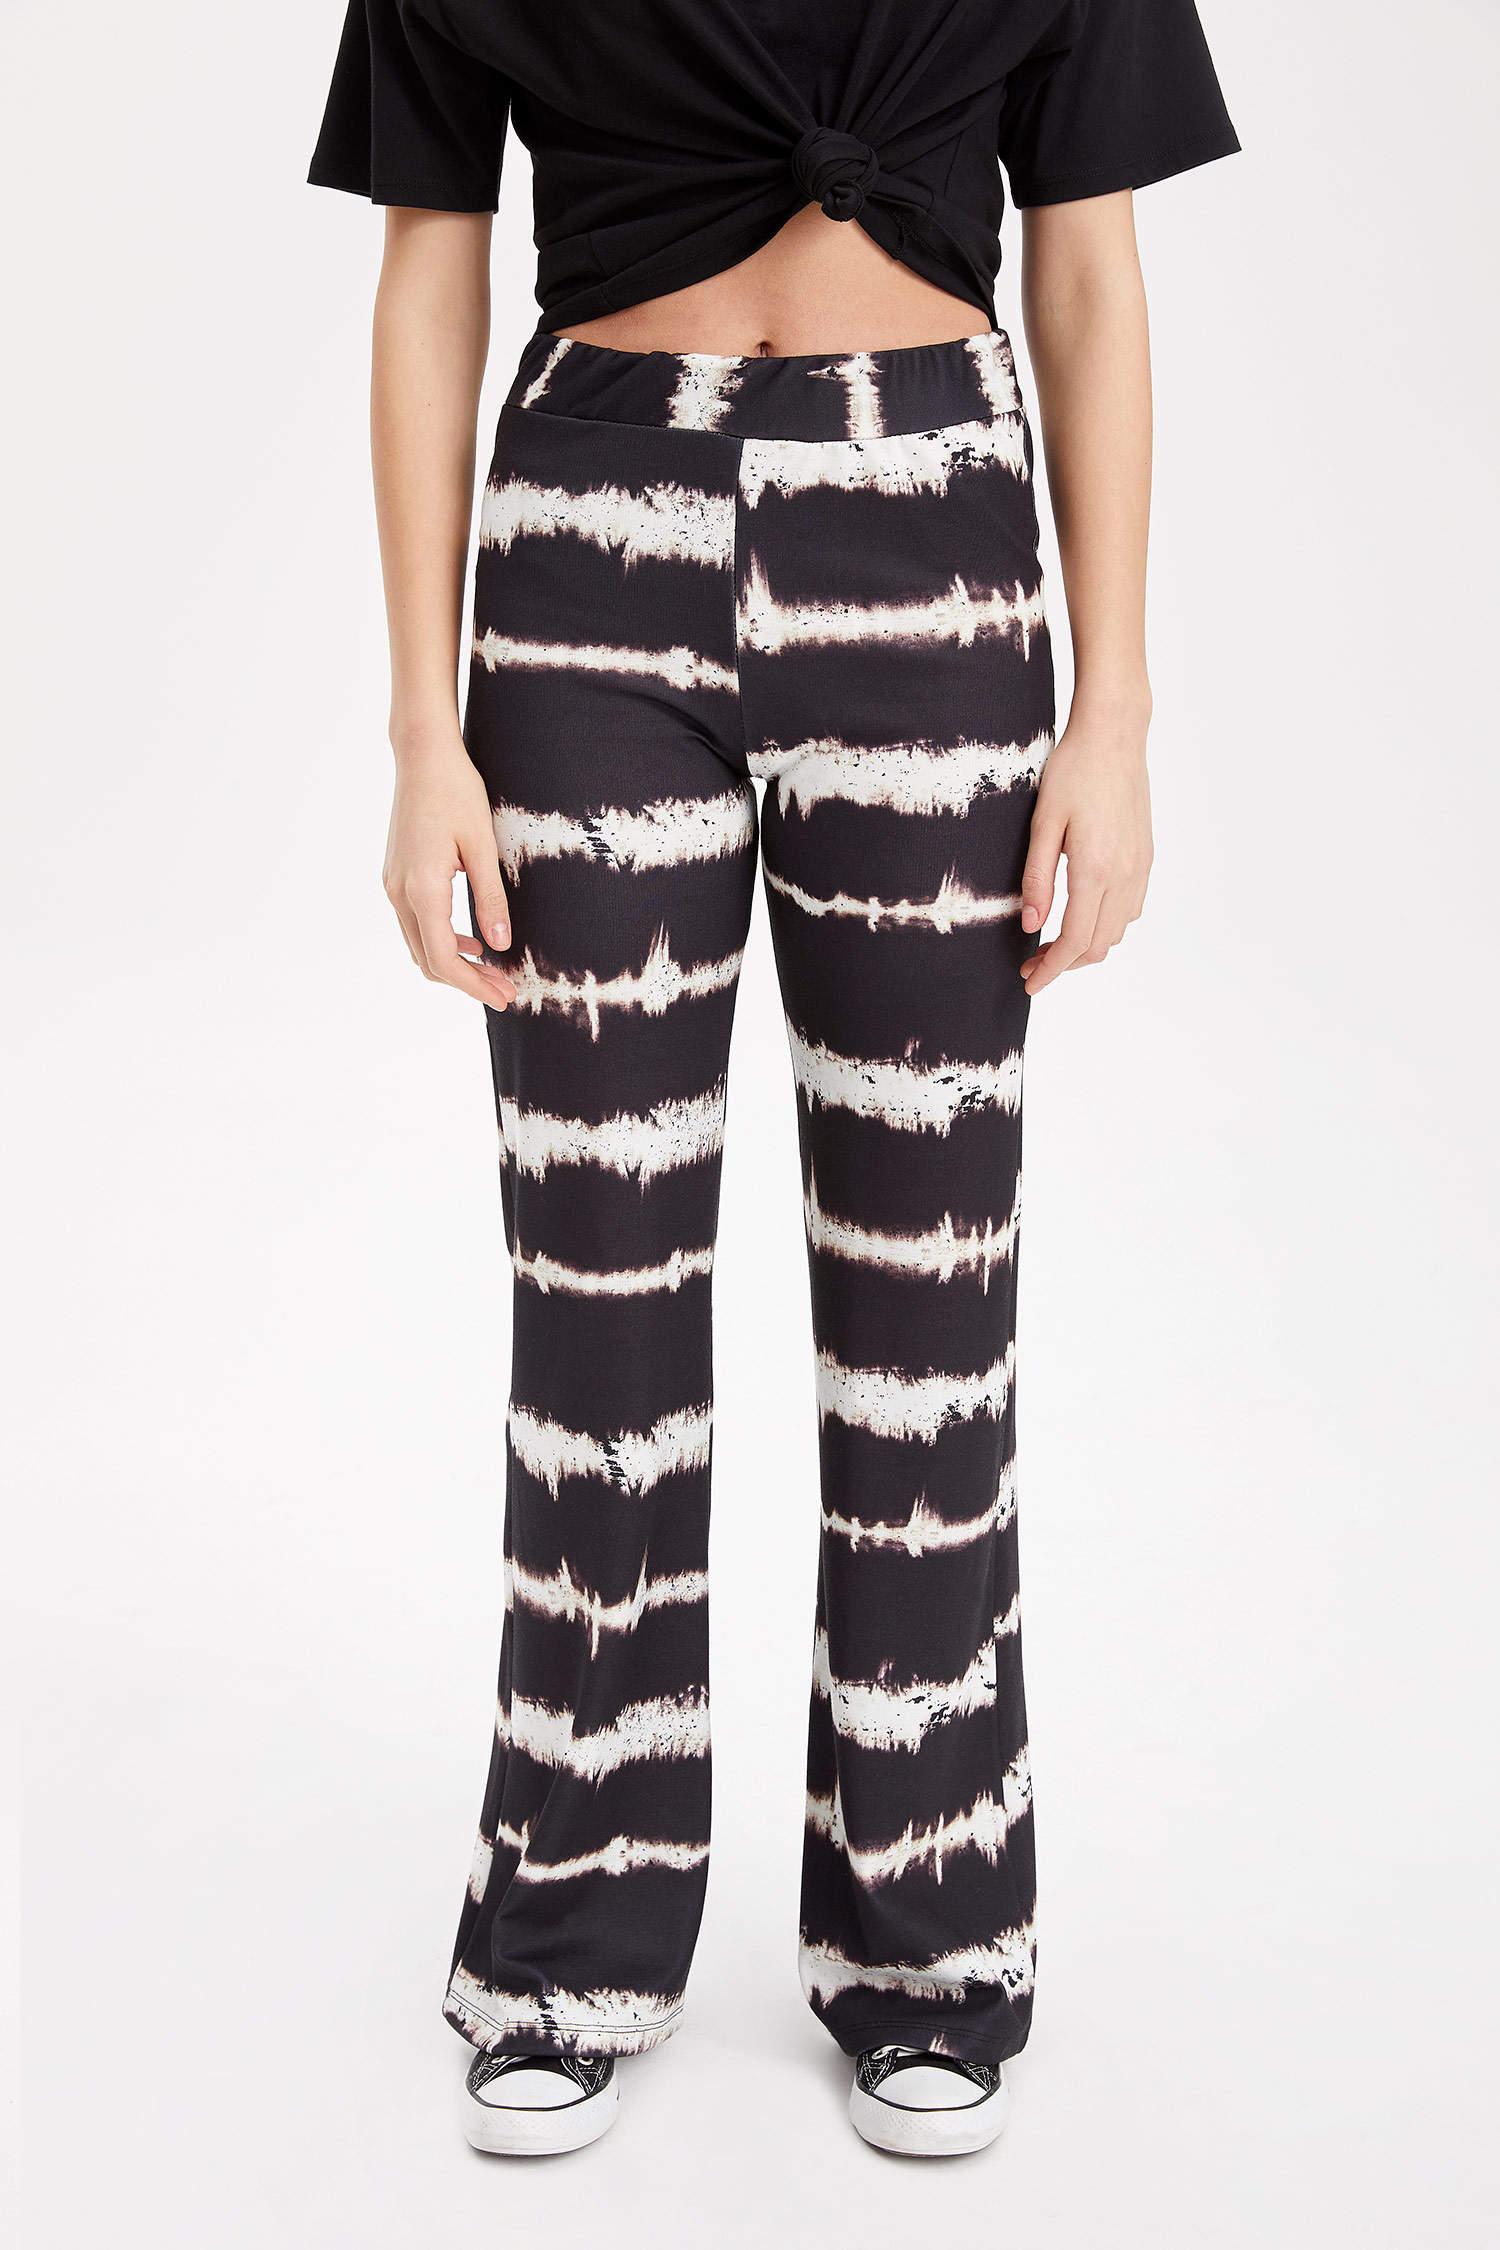 9a9664ead3691 Siyah Kadın Flare Fit Batik Desenli Pantolon 977583 | DeFacto